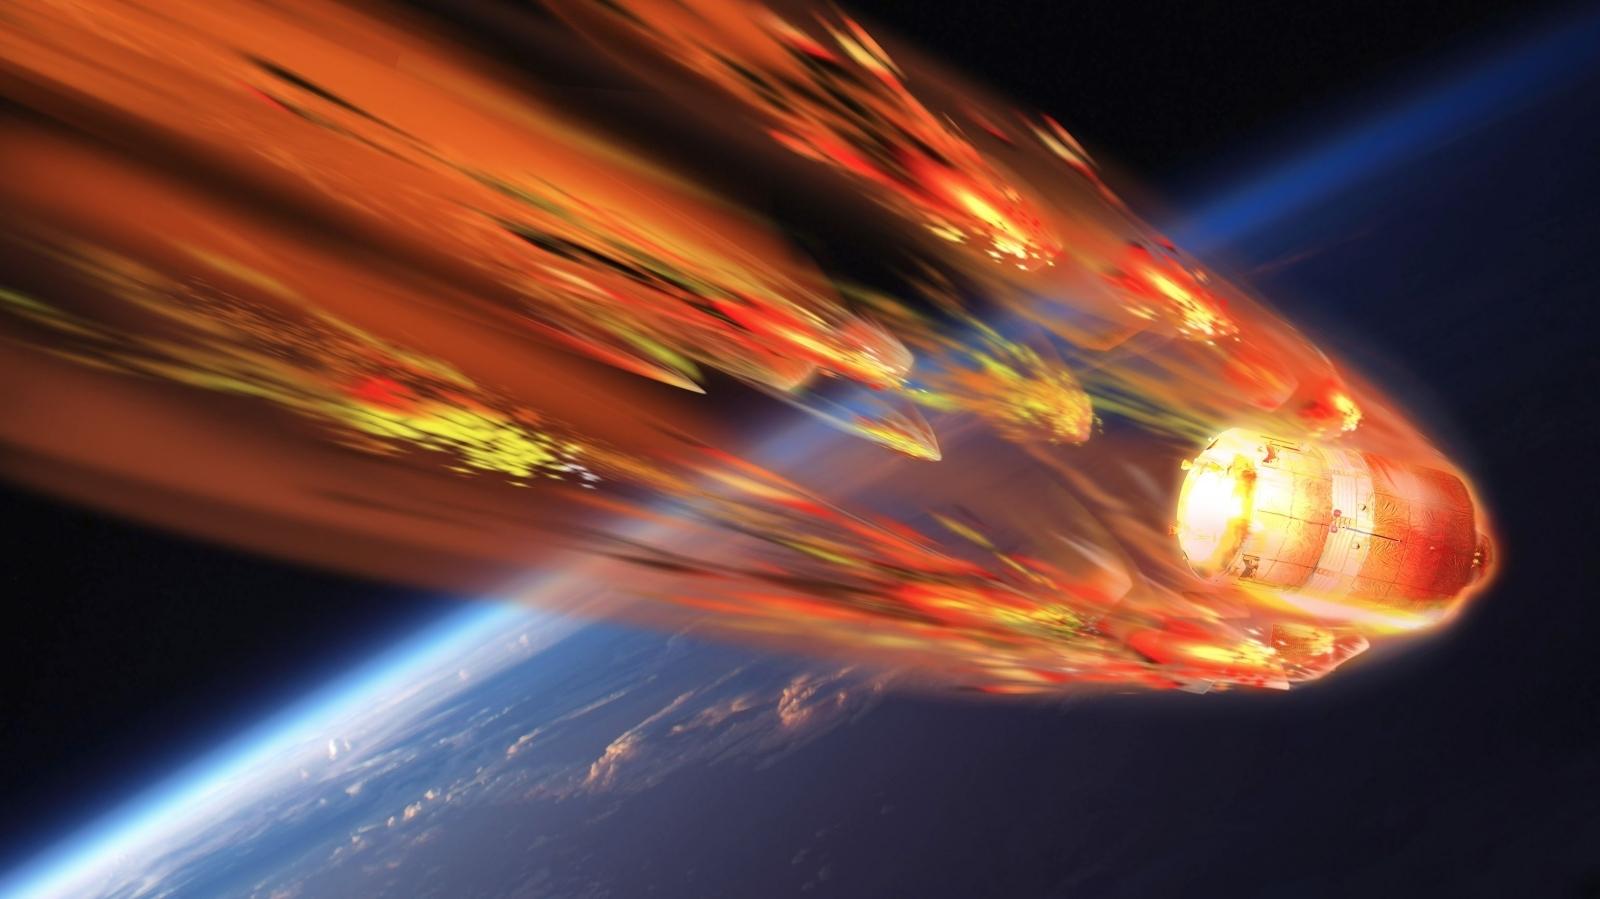 La caduta di Tiangong-1 verso la Terra seguita in real time